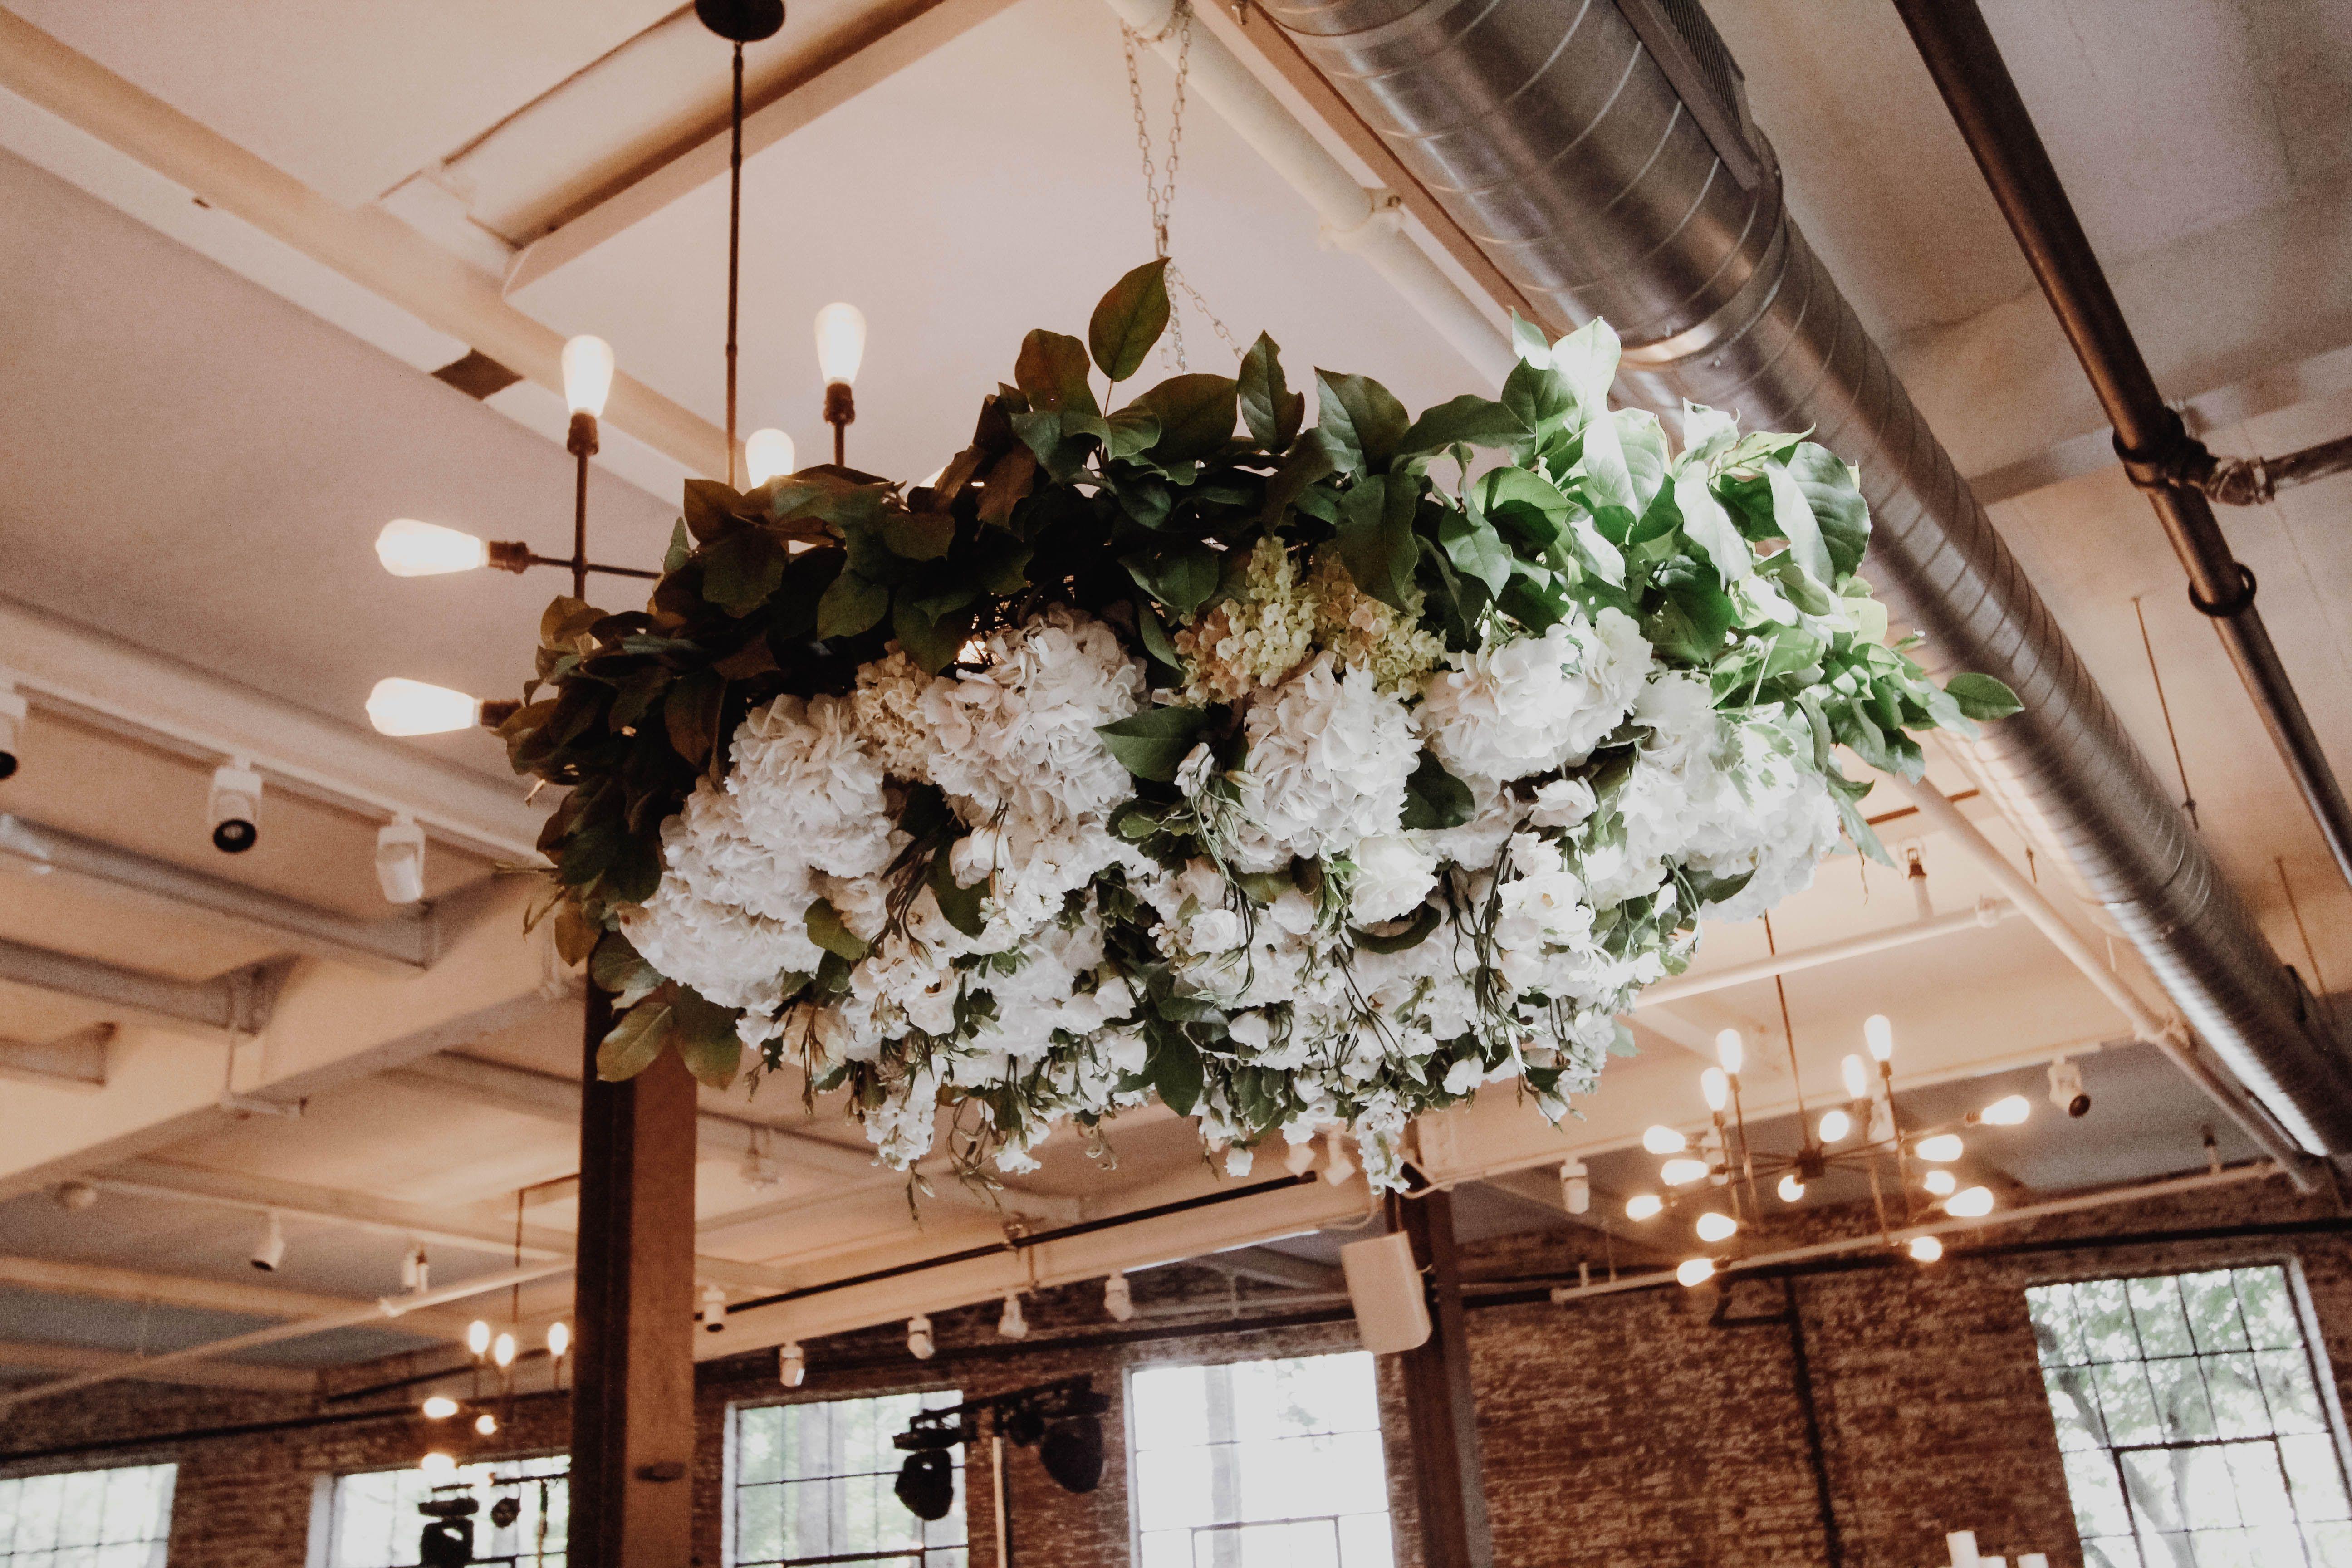 Senate Garage Wedding - Pine Tree Imagery | Hudson valley ...